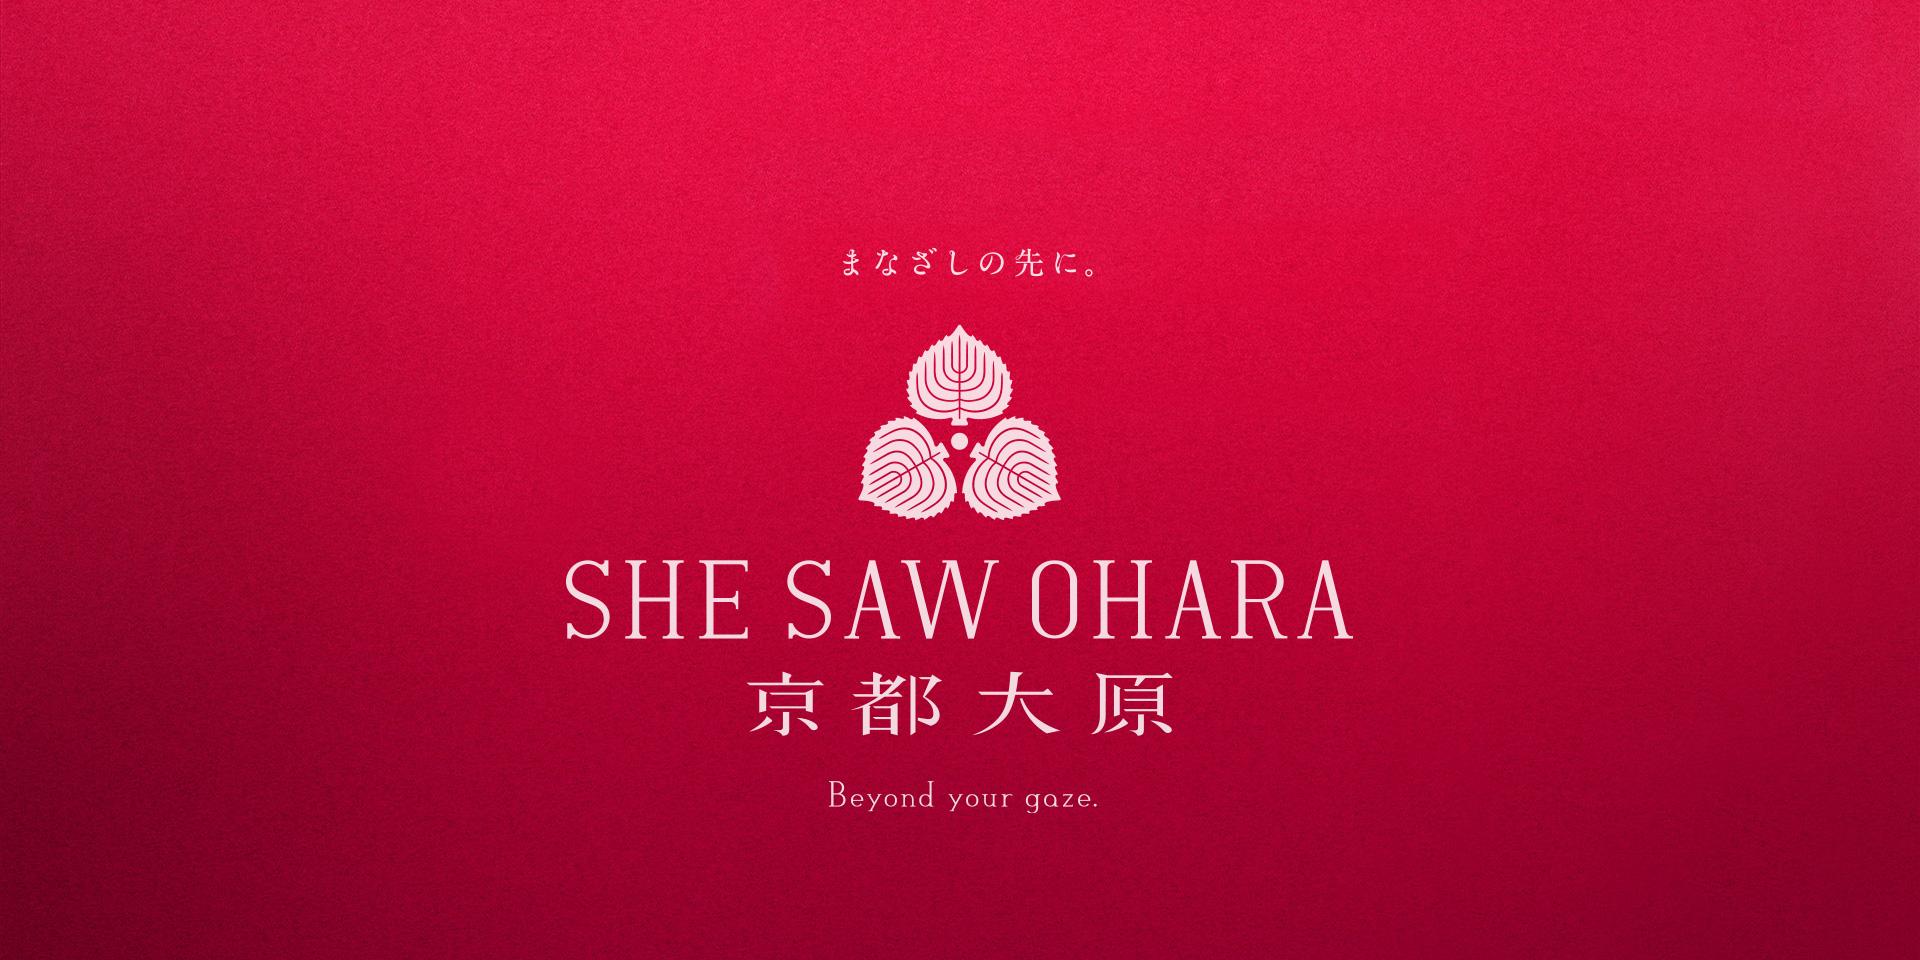 SHESAW OHARA 京都大原